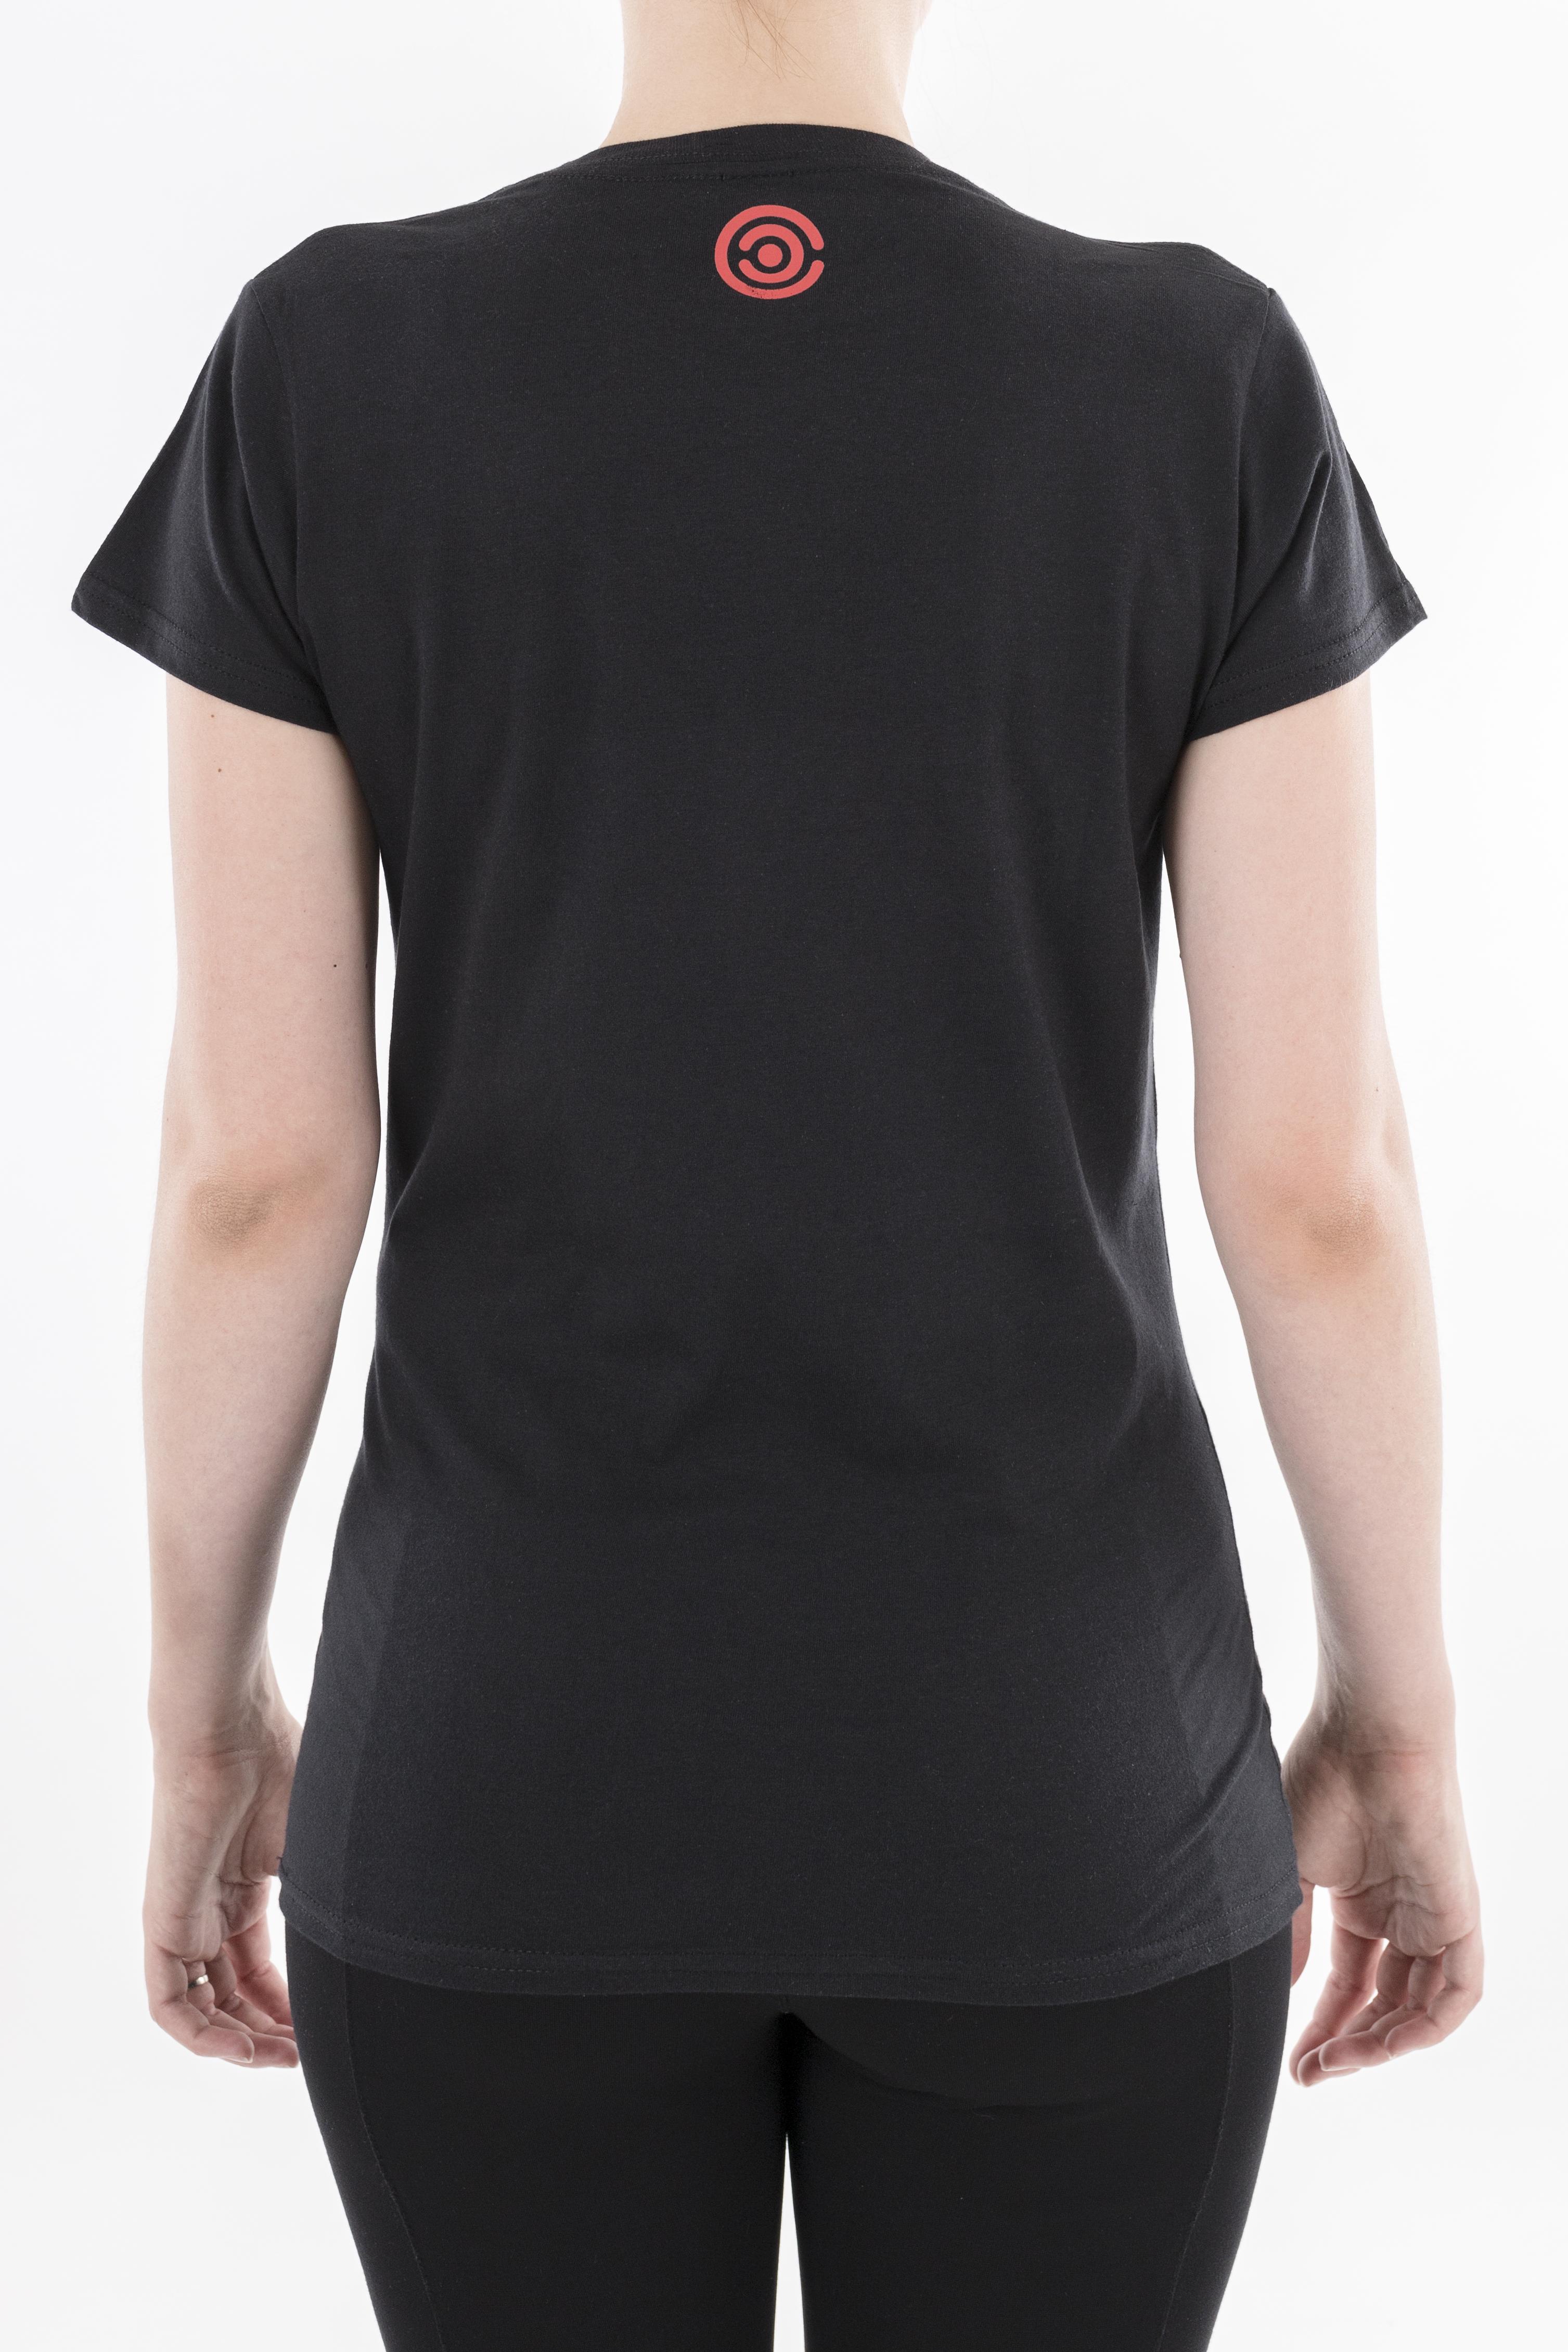 Dámské tričko Drak jedlík - 2